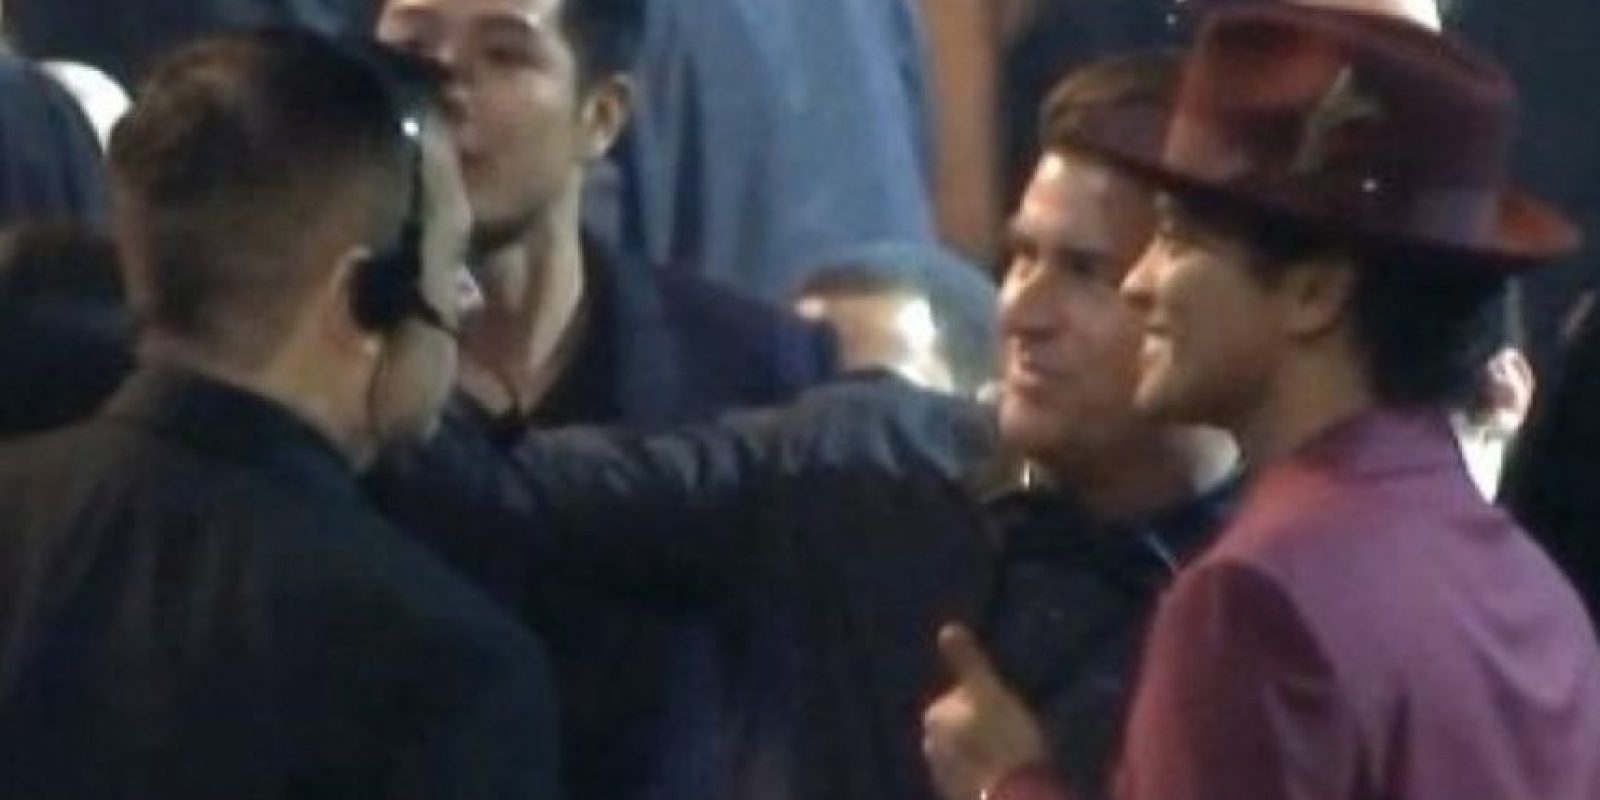 9. Bruno Mars aceptando una selfie con un fan. Foto:Vía Youtube TNT